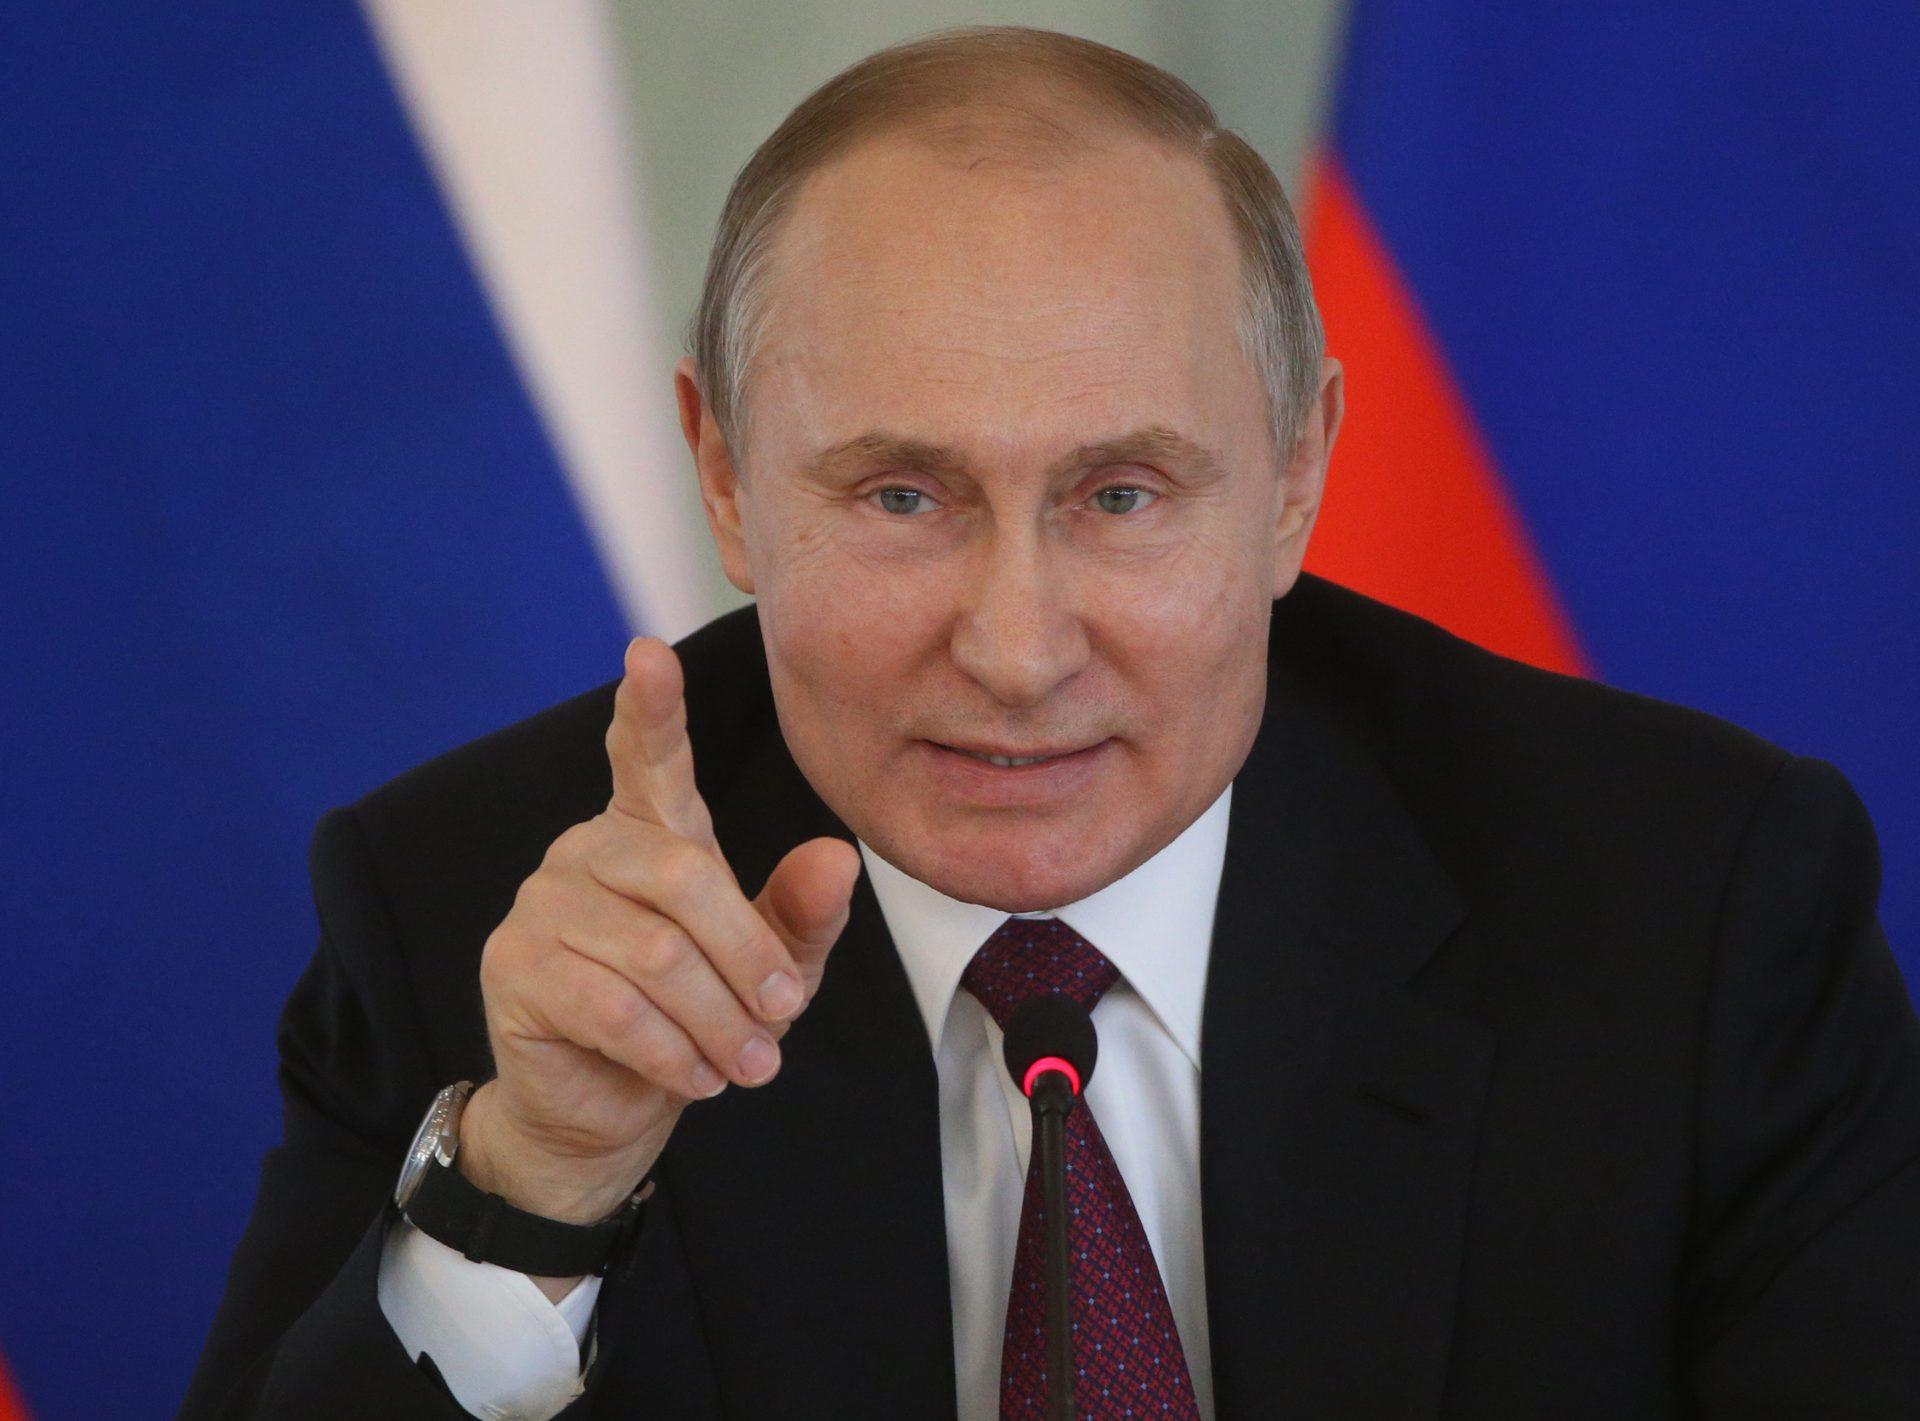 De ce îi e frică lui Putin de Navalnîi, deși are toate șansele să câștige alegerile